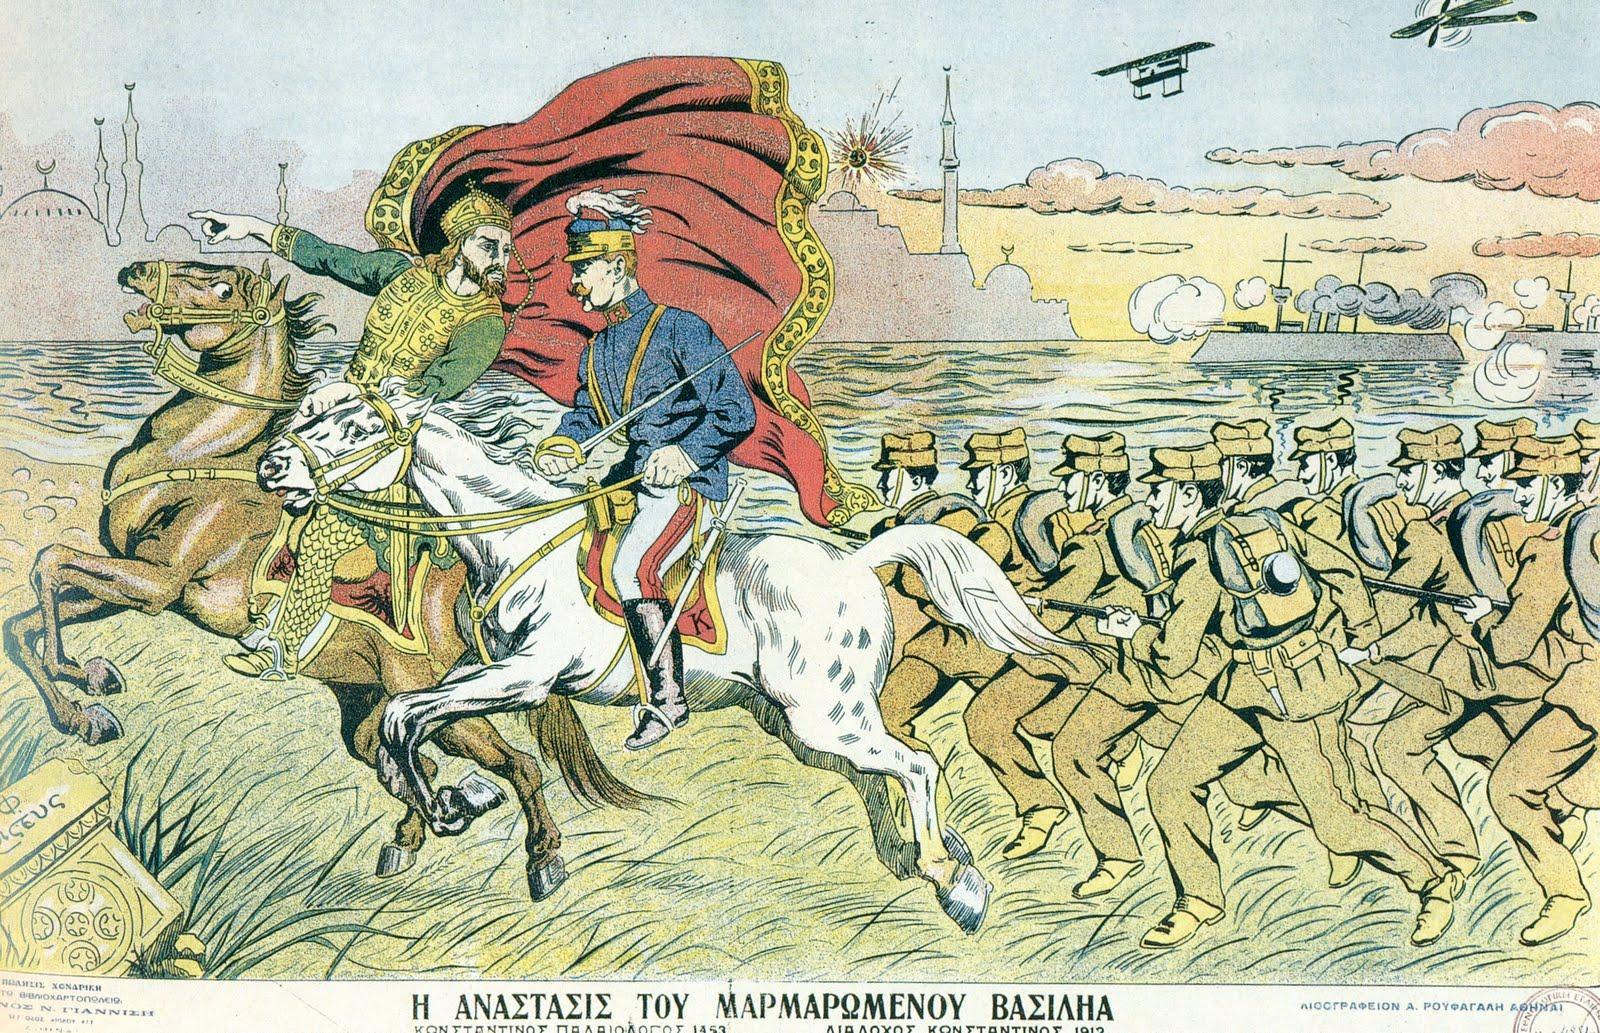 Византискиот крал Константинос XI Палеологос ја води грчката армија кон Константинополи.